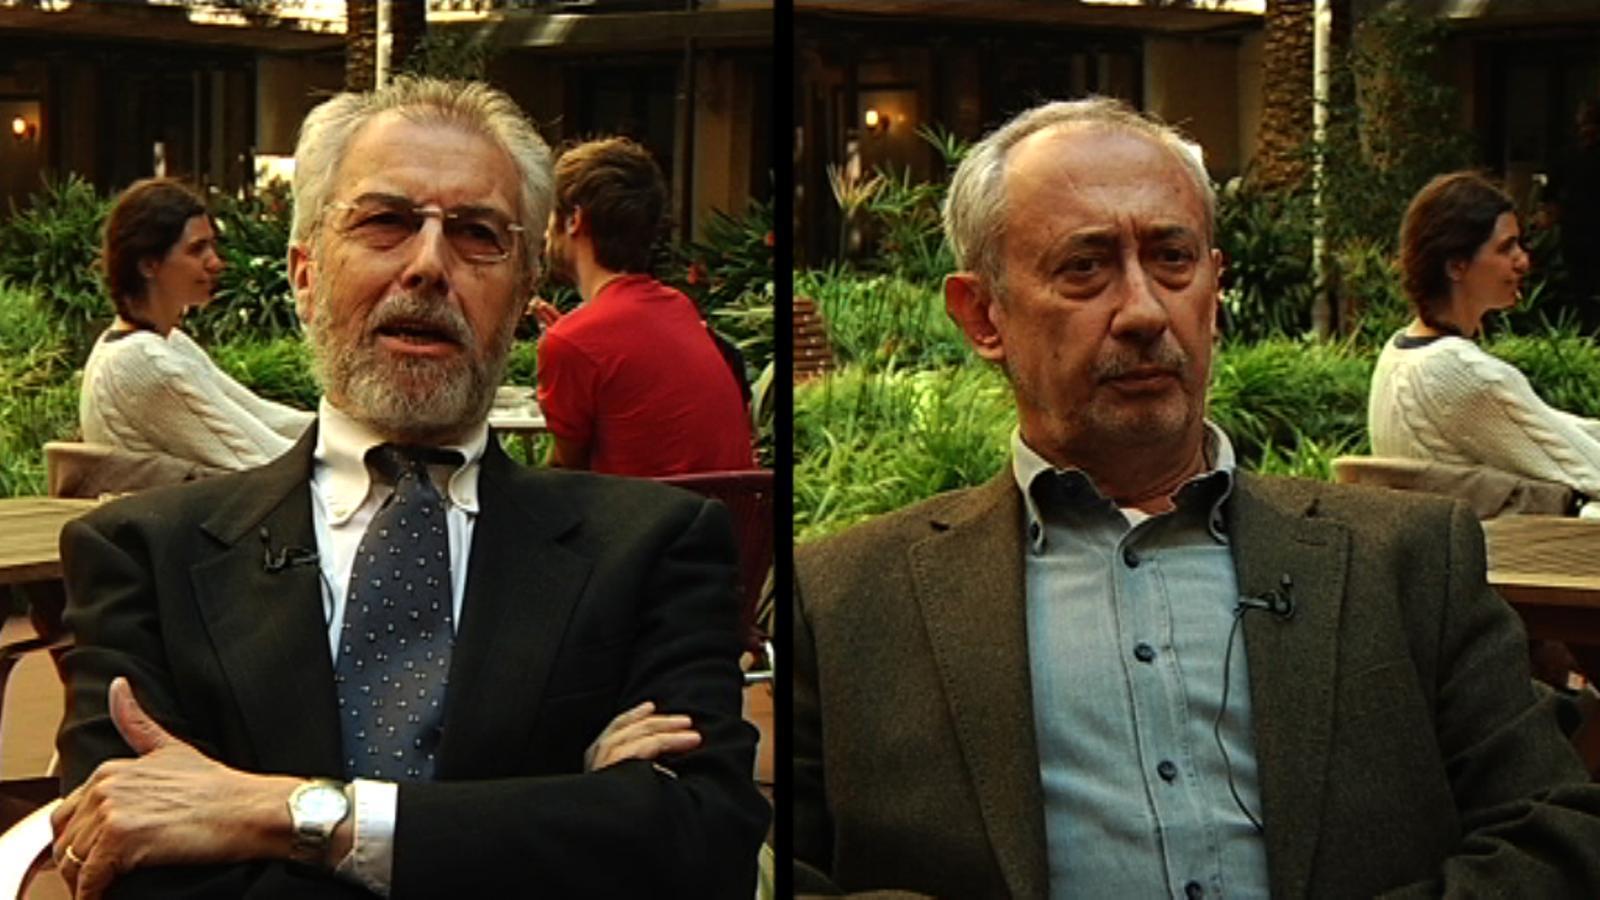 Cara a cara: Què ha d'aportar l'Ateneu en el debat públic sobre el dret a decidir?